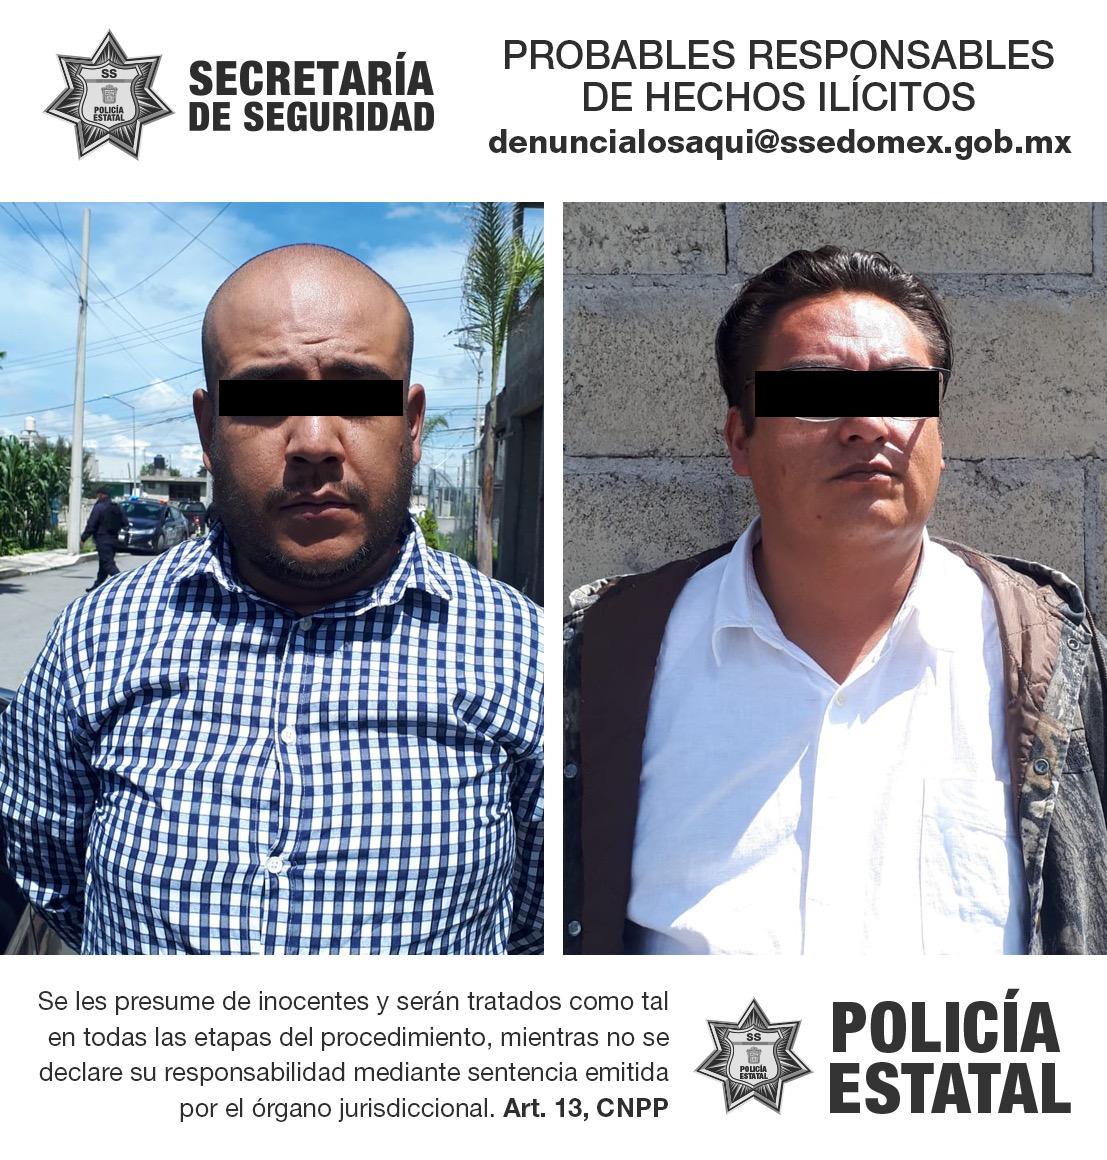 Secretaría de seguridad y policía municipal detienen a dos posibles implicados en el delito de extorsión